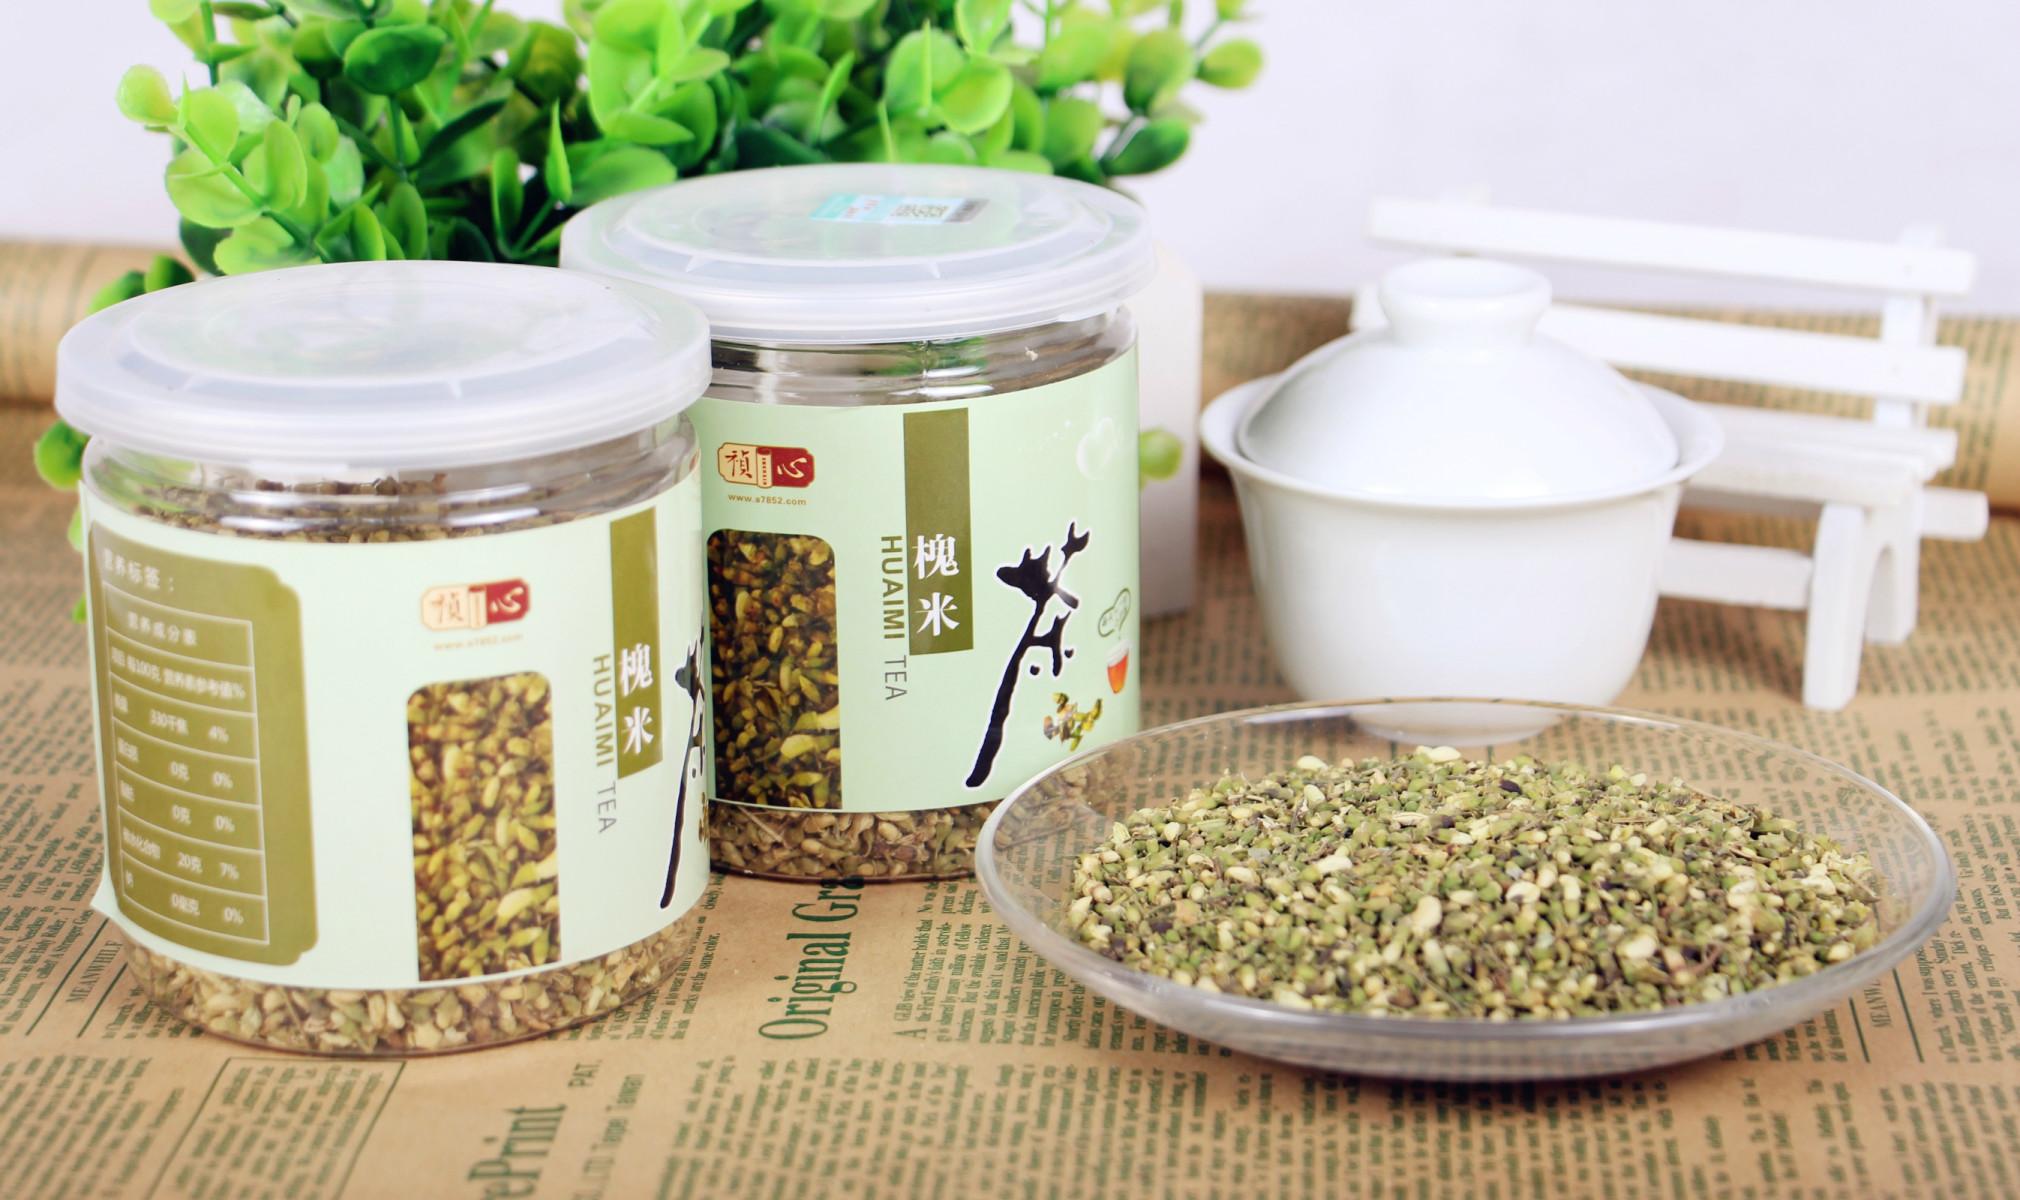 祯心瓶装茶系列-槐米